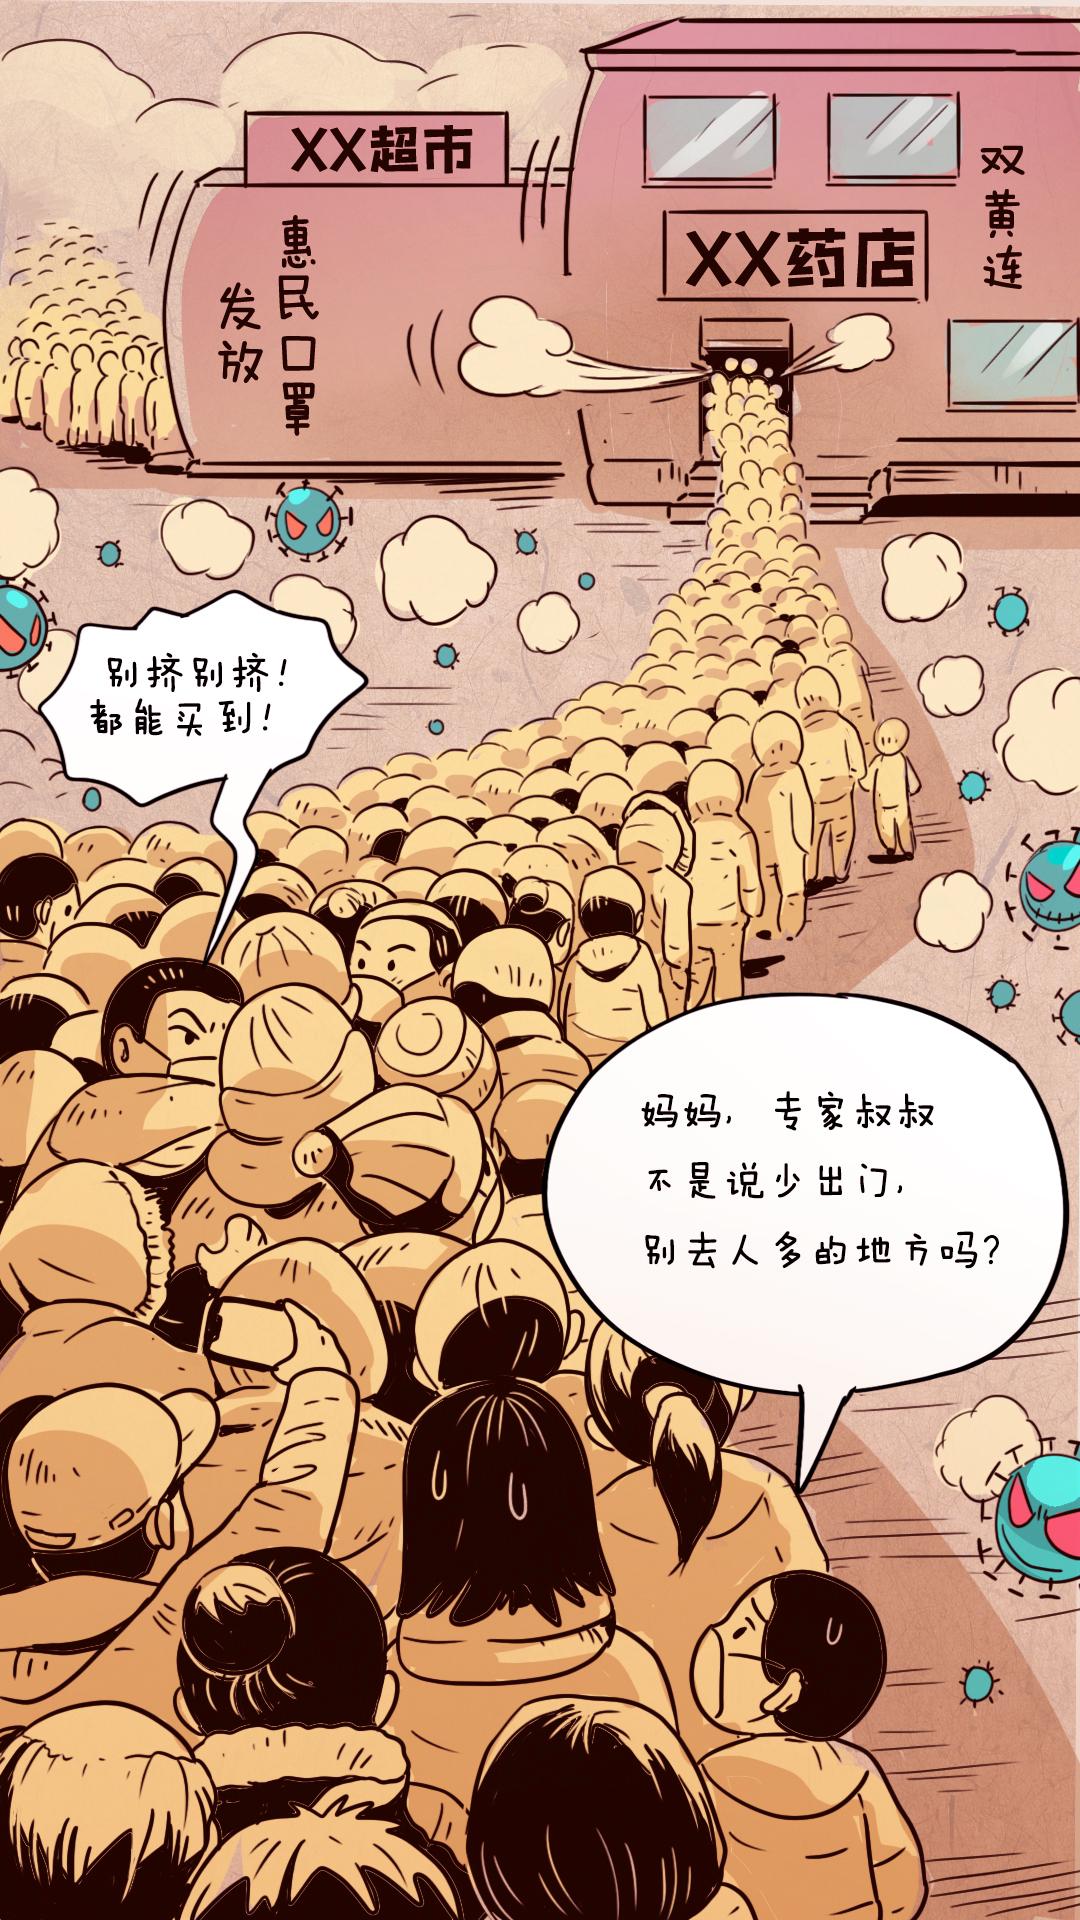 【新闻漫画】得不偿失